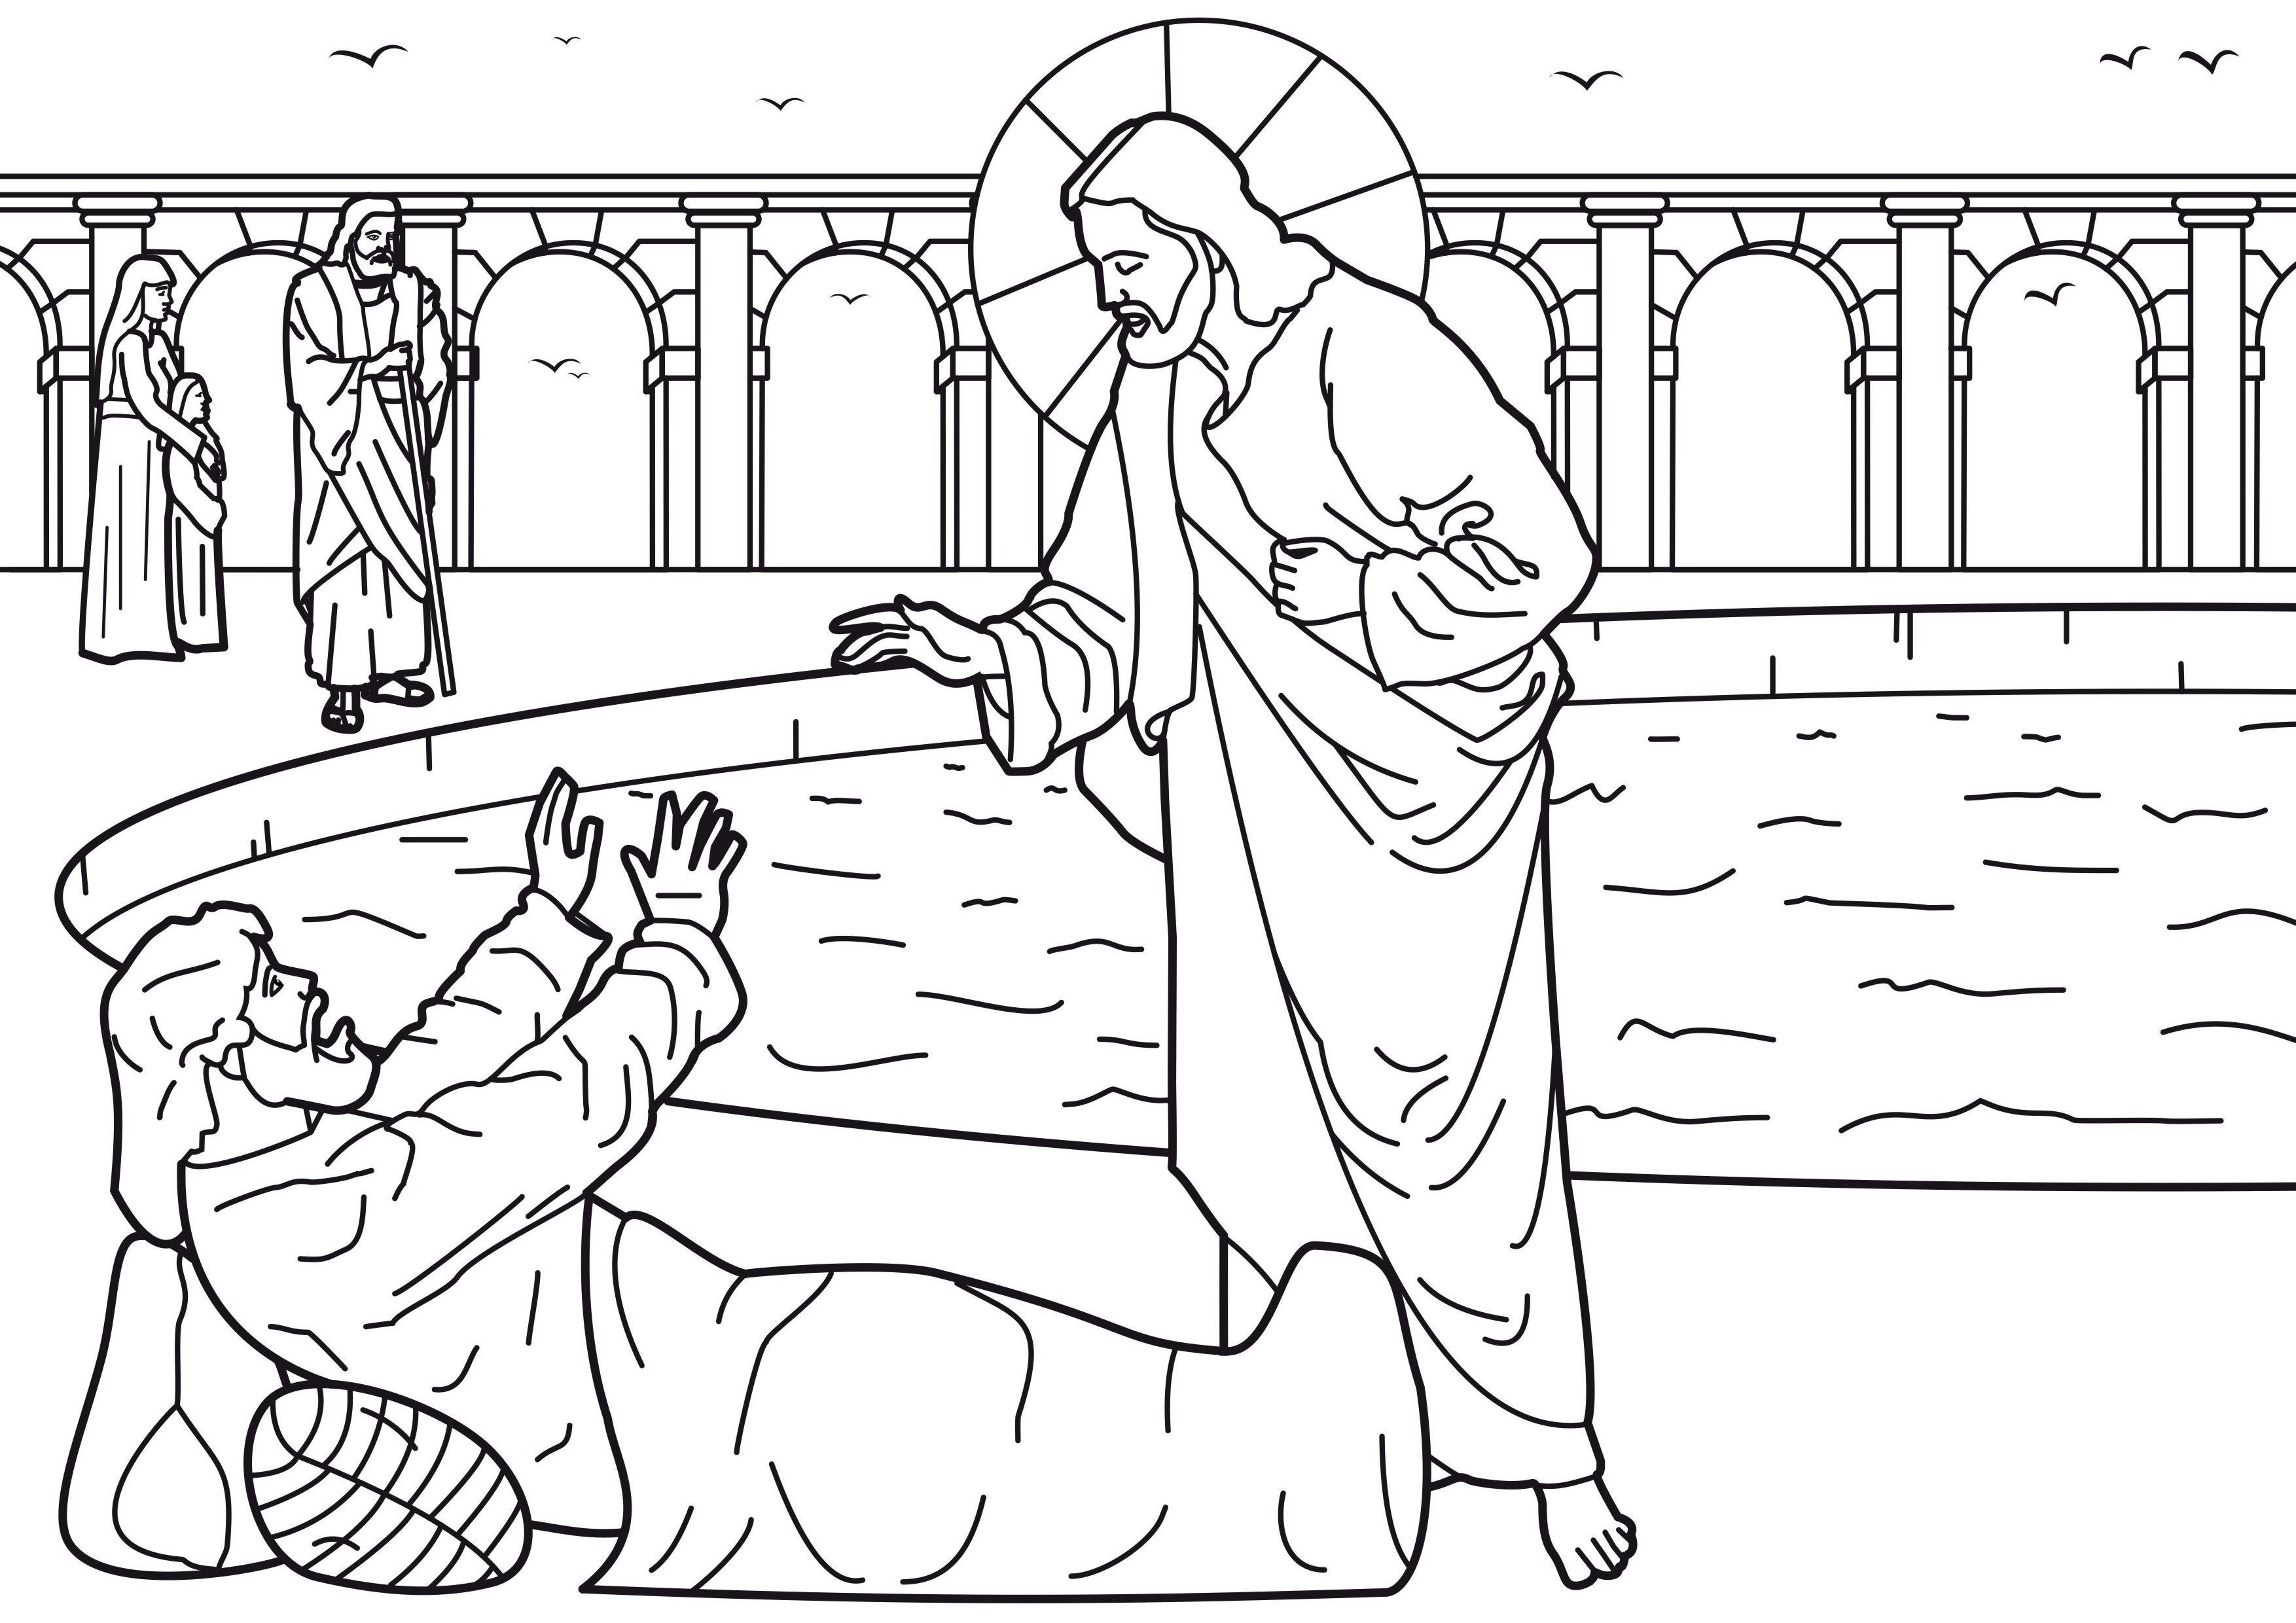 Image: Coloring: Healing man pool Bethesda صورة تلوين